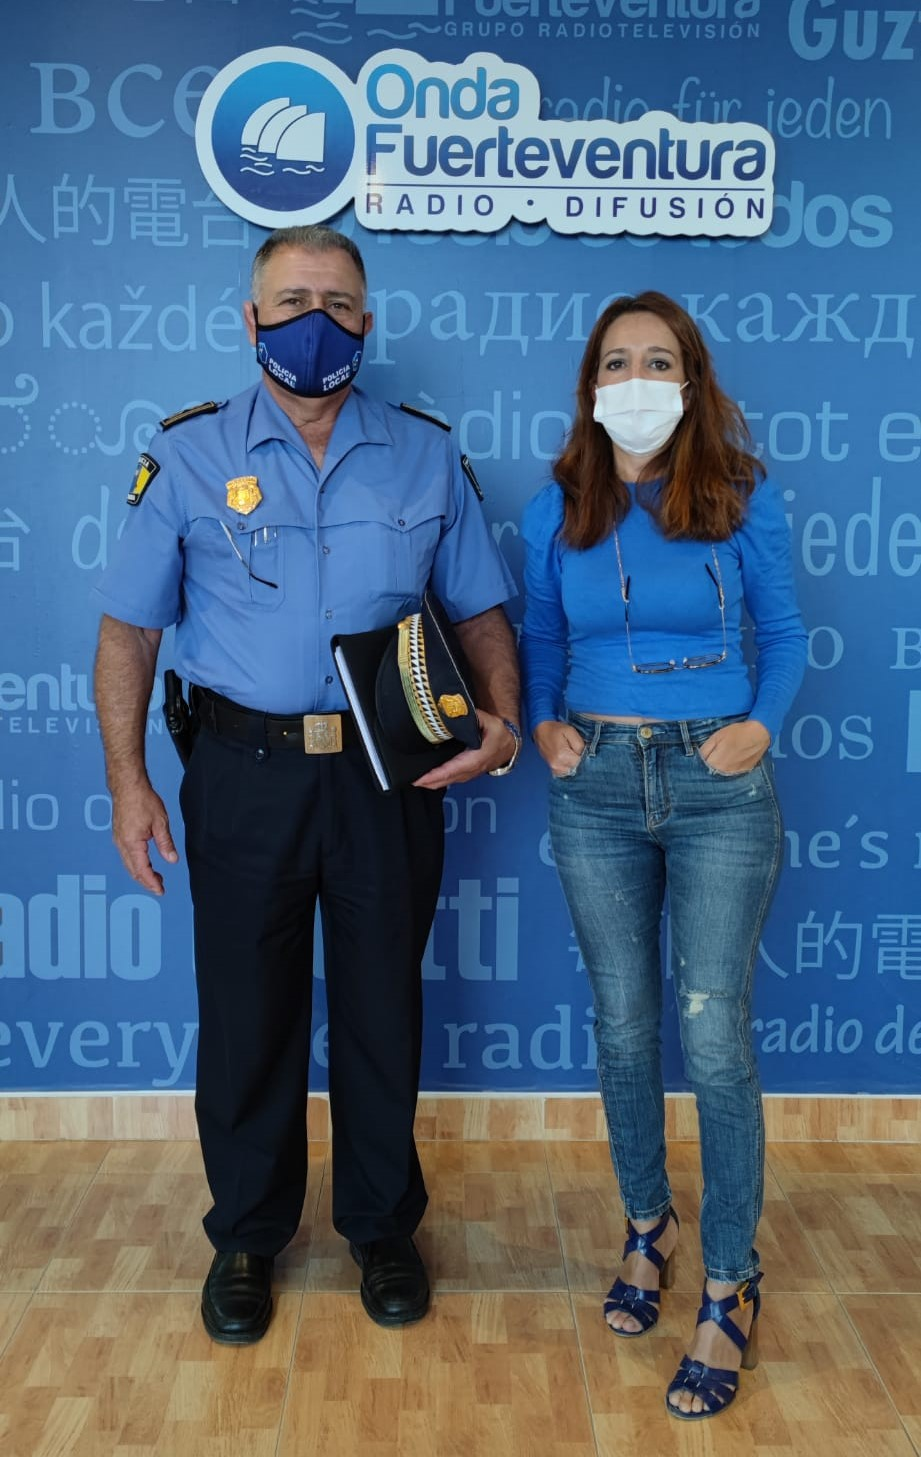 34686e1a-eaf7-4f2f-b434-a4d807636887 La Policía Local de Canarias distingue el trabajo de los sanitarios de Fuerteventura